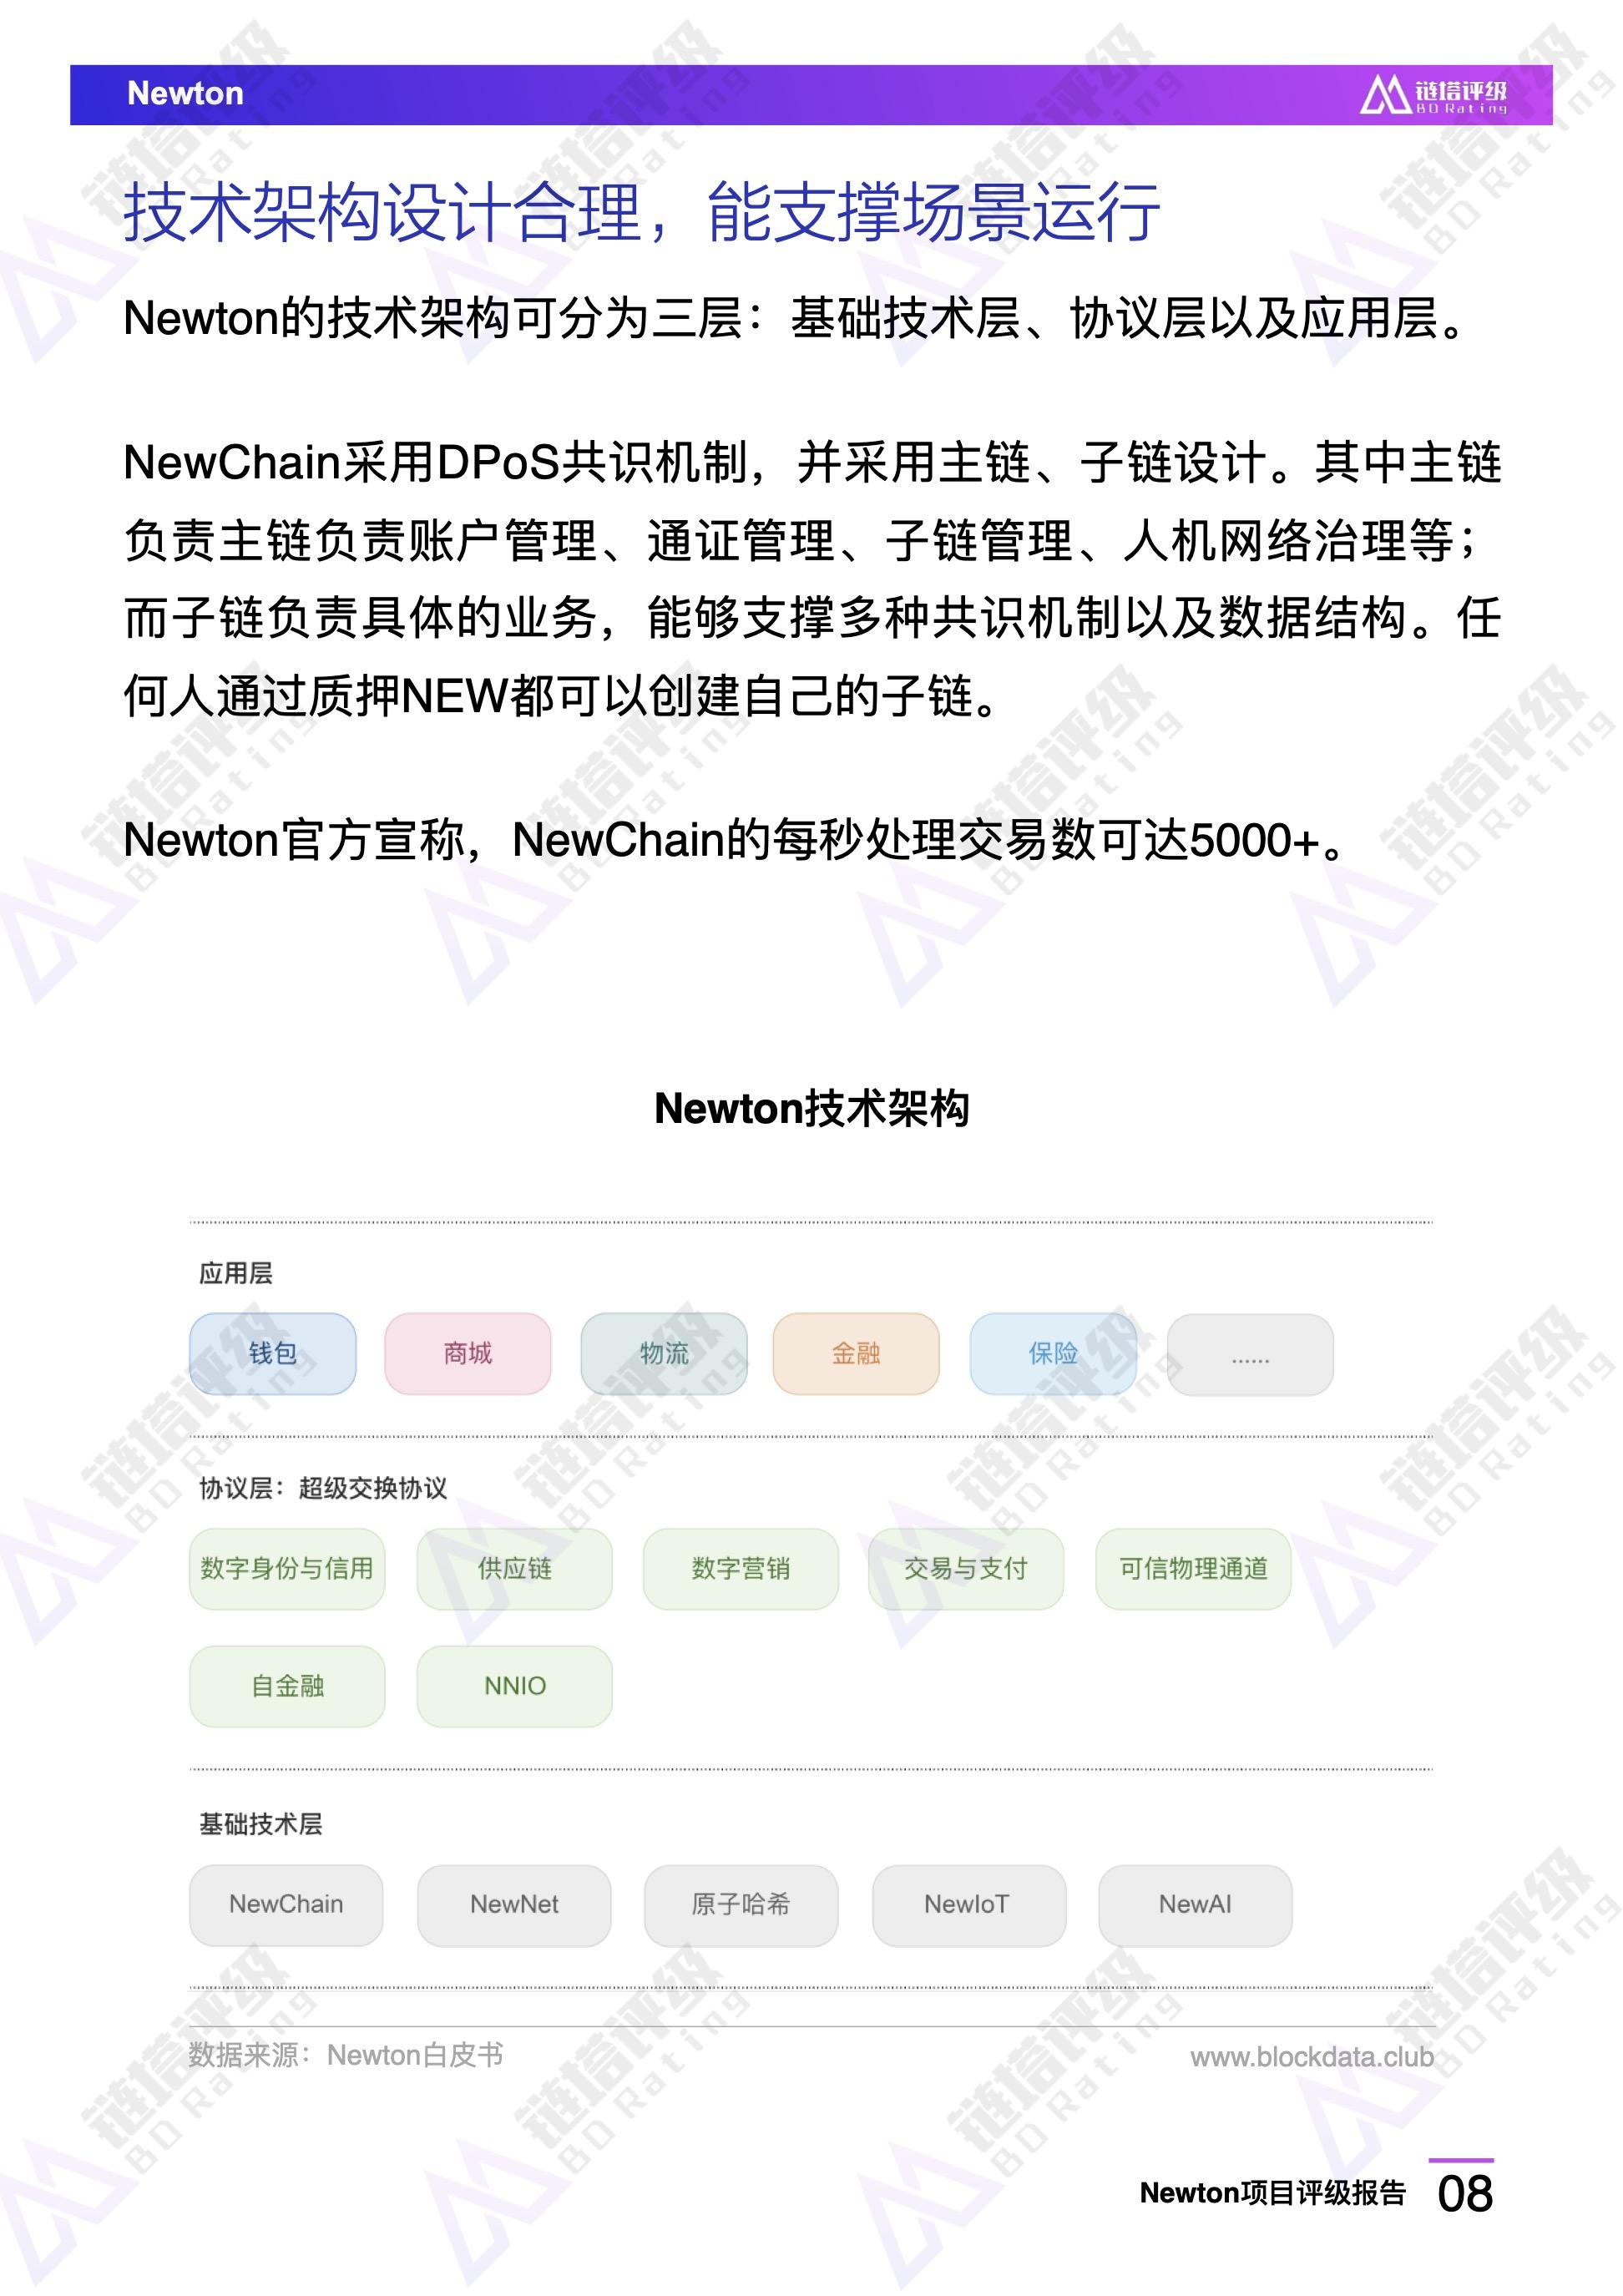 链塔智库:Newton项目经济激励模式丰富,社群活跃度高